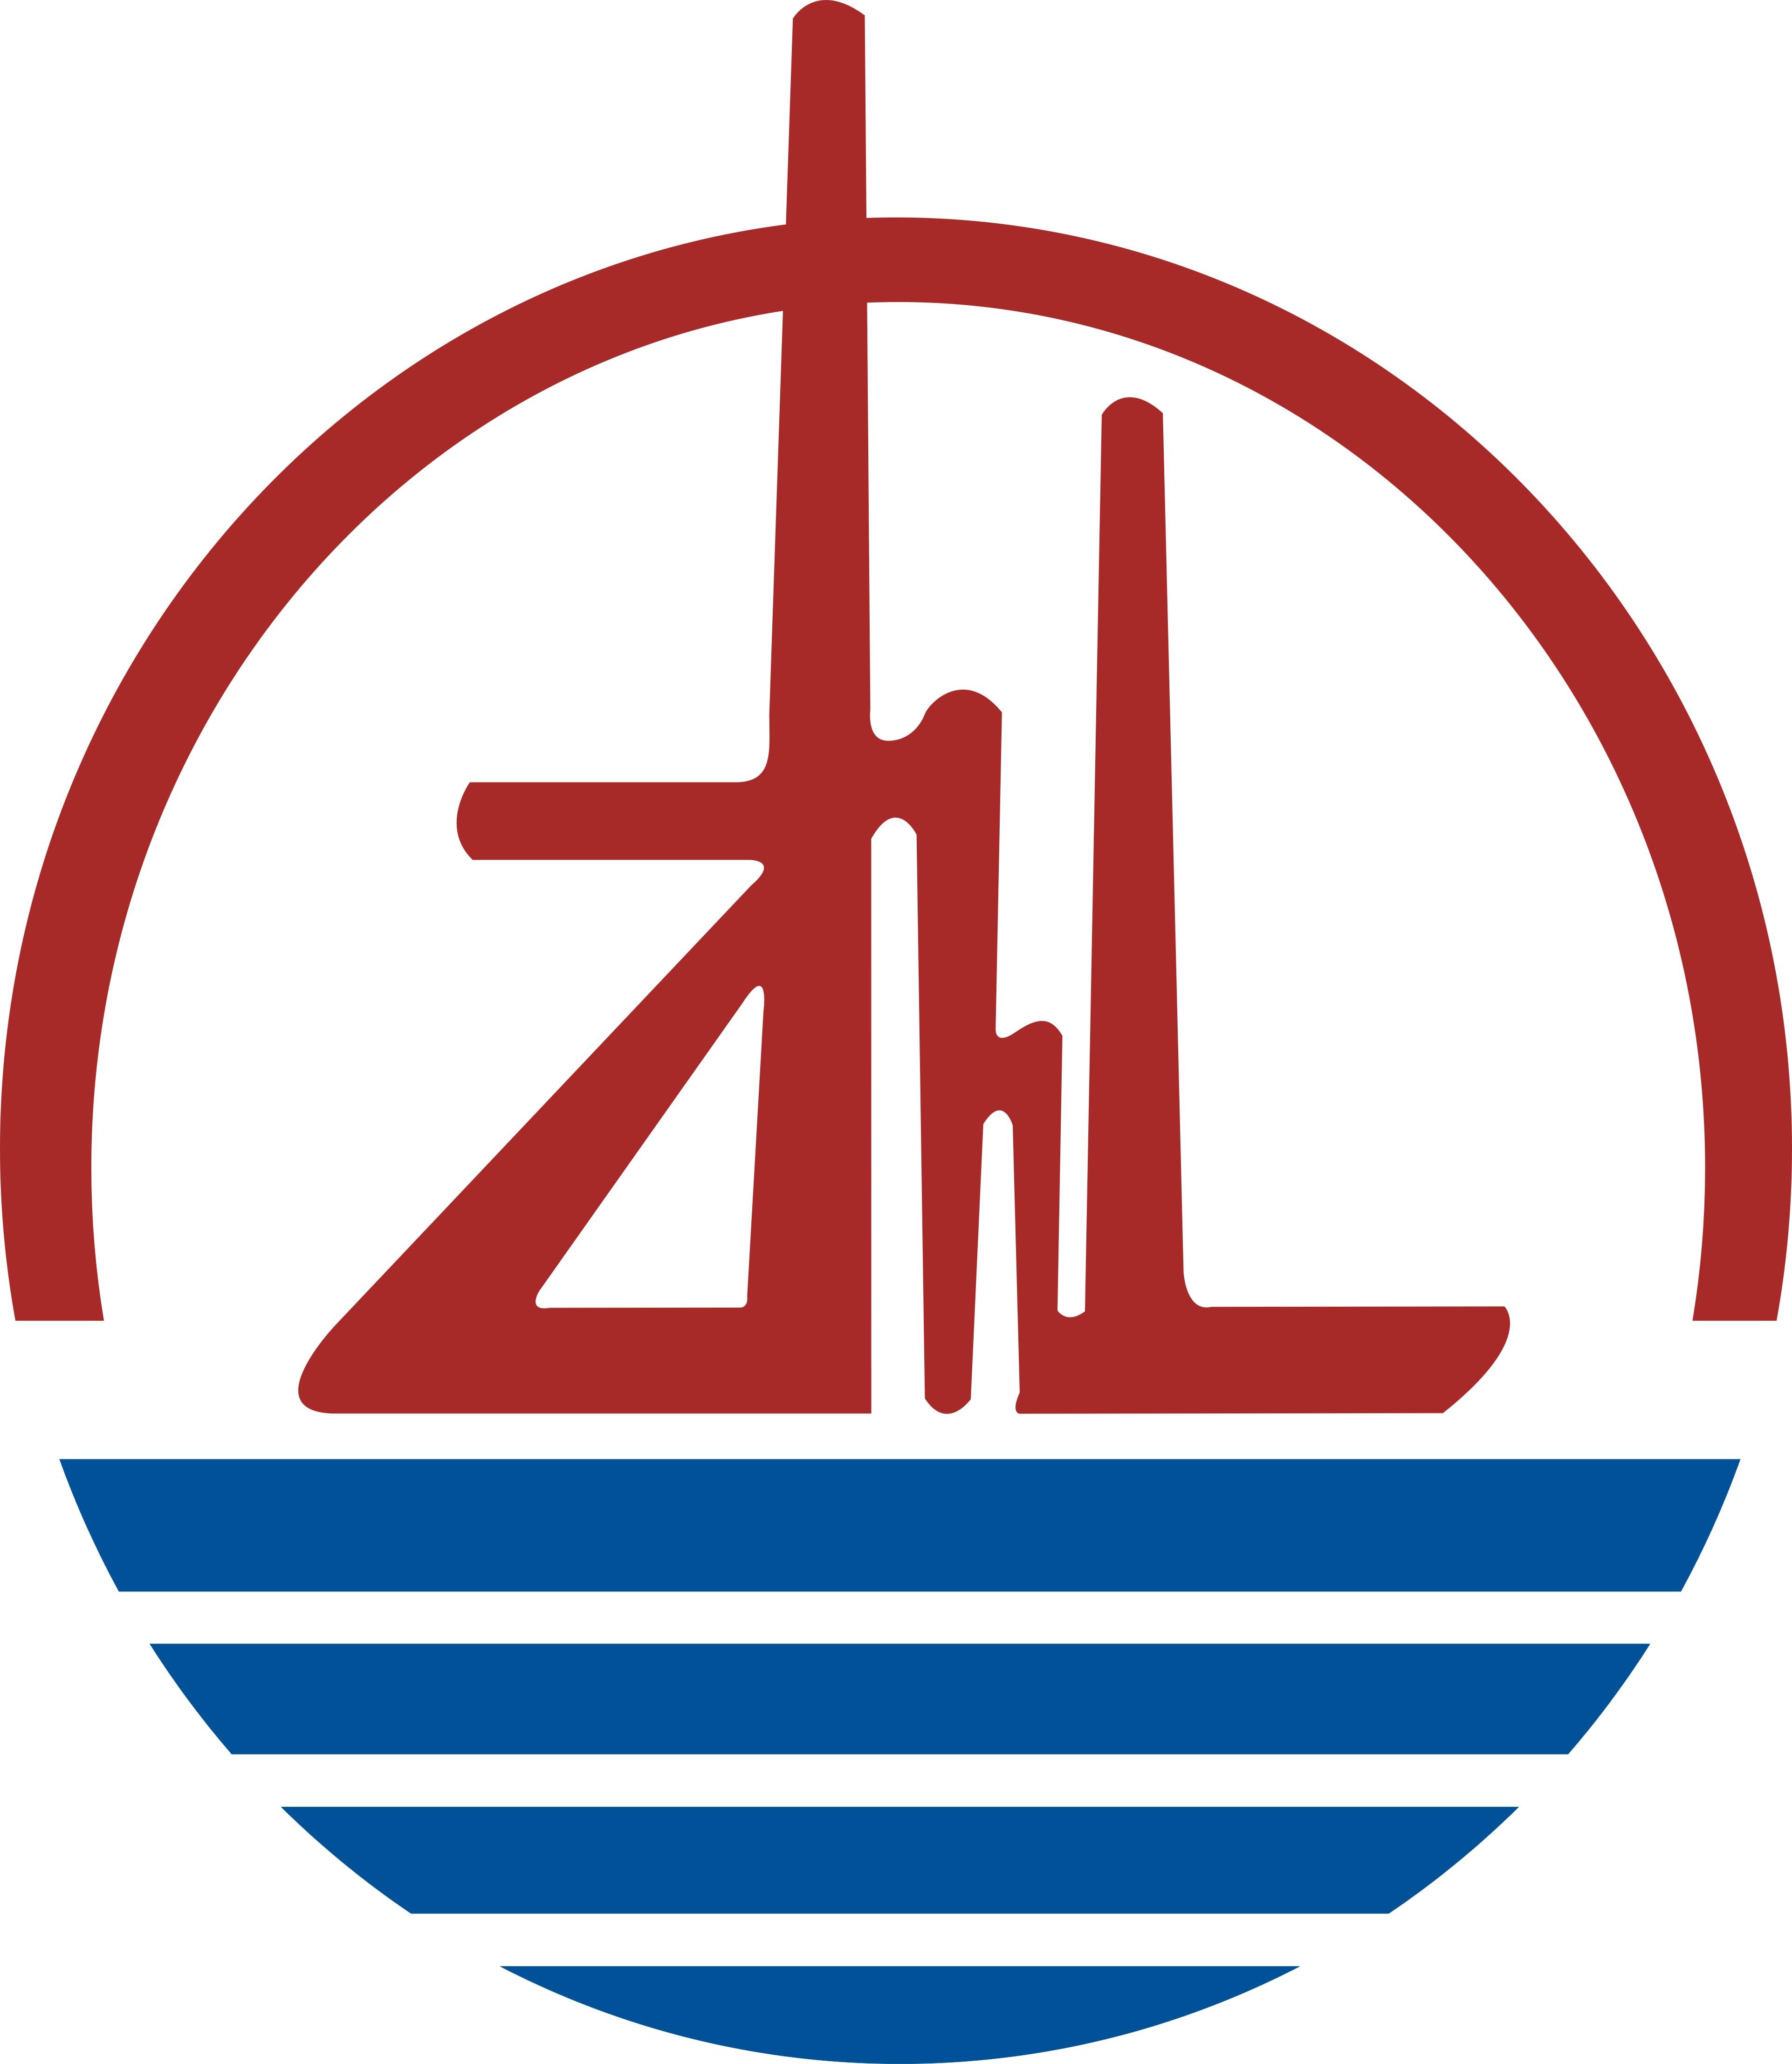 logo logo 标志 设计 矢量 矢量图 素材 图标 3845_4429